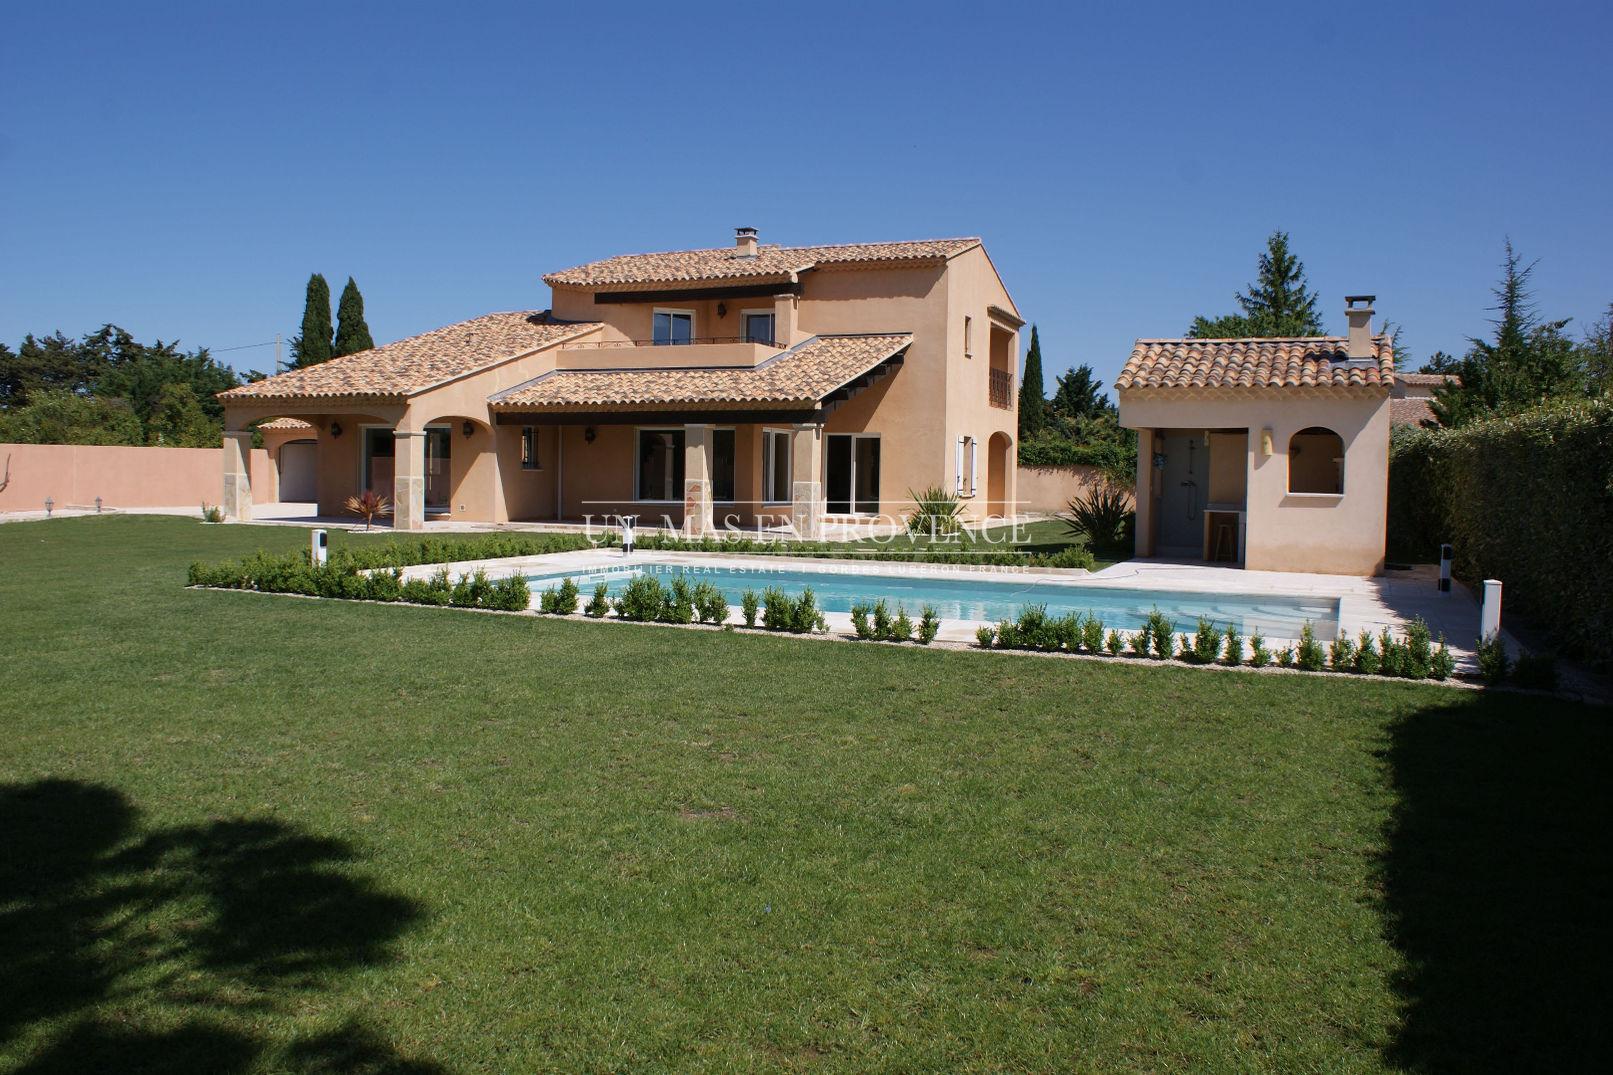 Vente maison r cente taillades 84300 550 000 for Vente maison recente